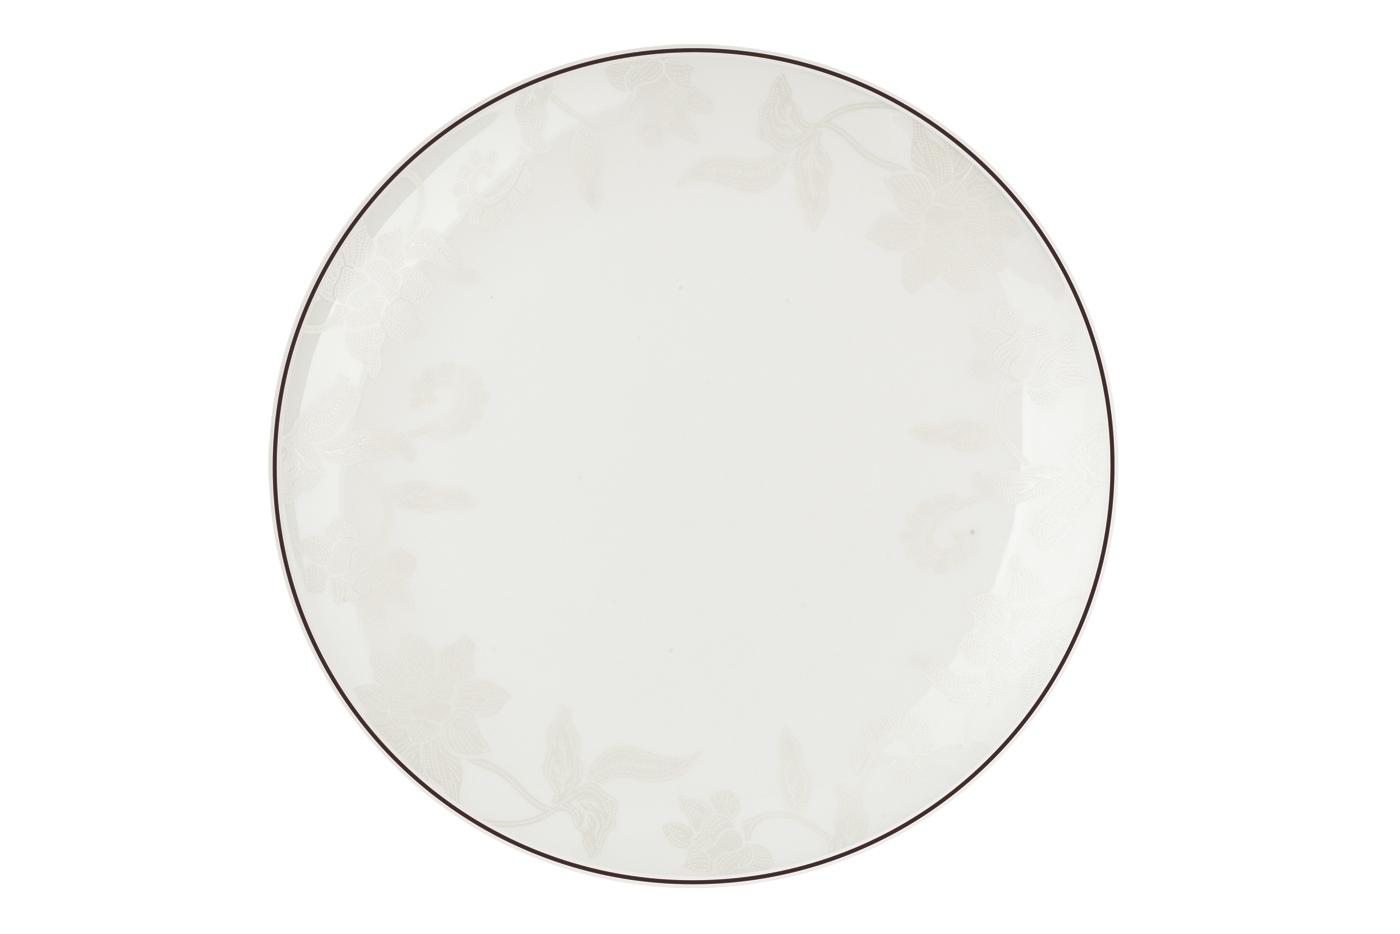 Набор из 6 тарелок Royal Aurel Белый лотос (25см) арт.609Наборы тарелок<br>Набор из 6 тарелок Royal Aurel Белый лотос (25см) арт.609<br>Производить посуду из фарфора начали в Китае на стыке 6-7 веков. Неустанно совершенствуя и селективно отбирая сырье для производства посуды из фарфора, мастерам удалось добиться выдающихся характеристик фарфора: белизны и тонкостенности. В XV веке появился особый интерес к китайской фарфоровой посуде, так как в это время Европе возникла мода на самобытные китайские вещи. Роскошный китайский фарфор являлся изыском и был в новинку, поэтому он выступал в качестве подарка королям, а также знатным людям. Такой дорогой подарок был очень престижен и по праву являлся элитной посудой. Как известно из многочисленных исторических документов, в Европе китайские изделия из фарфора ценились практически как золото. <br>Проверка изделий из костяного фарфора на подлинность <br>По сравнению с производством других видов фарфора процесс производства изделий из настоящего костяного фарфора сложен и весьма длителен. Посуда из изящного фарфора - это элитная посуда, которая всегда ассоциируется с богатством, величием и благородством. Несмотря на небольшую толщину, фарфоровая посуда - это очень прочное изделие. Для демонстрации плотности и прочности фарфора можно легко коснуться предметов посуды из фарфора деревянной палочкой, и тогда мы услушим характерный металлический звон. В составе фарфоровой посуды присутствует костяная зола, благодаря чему она может быть намного тоньше (не более 2,5 мм) и легче твердого или мягкого фарфора. Безупречная белизна - ключевой признак отличия такого фарфора от других. Цвет обычного фарфора сероватый или ближе к голубоватому, а костяной фарфор будет всегда будет молочно-белого цвета. Характерная и немаловажная деталь - это невесомая прозрачность изделий из фарфора такая, что сквозь него проходит свет.<br>